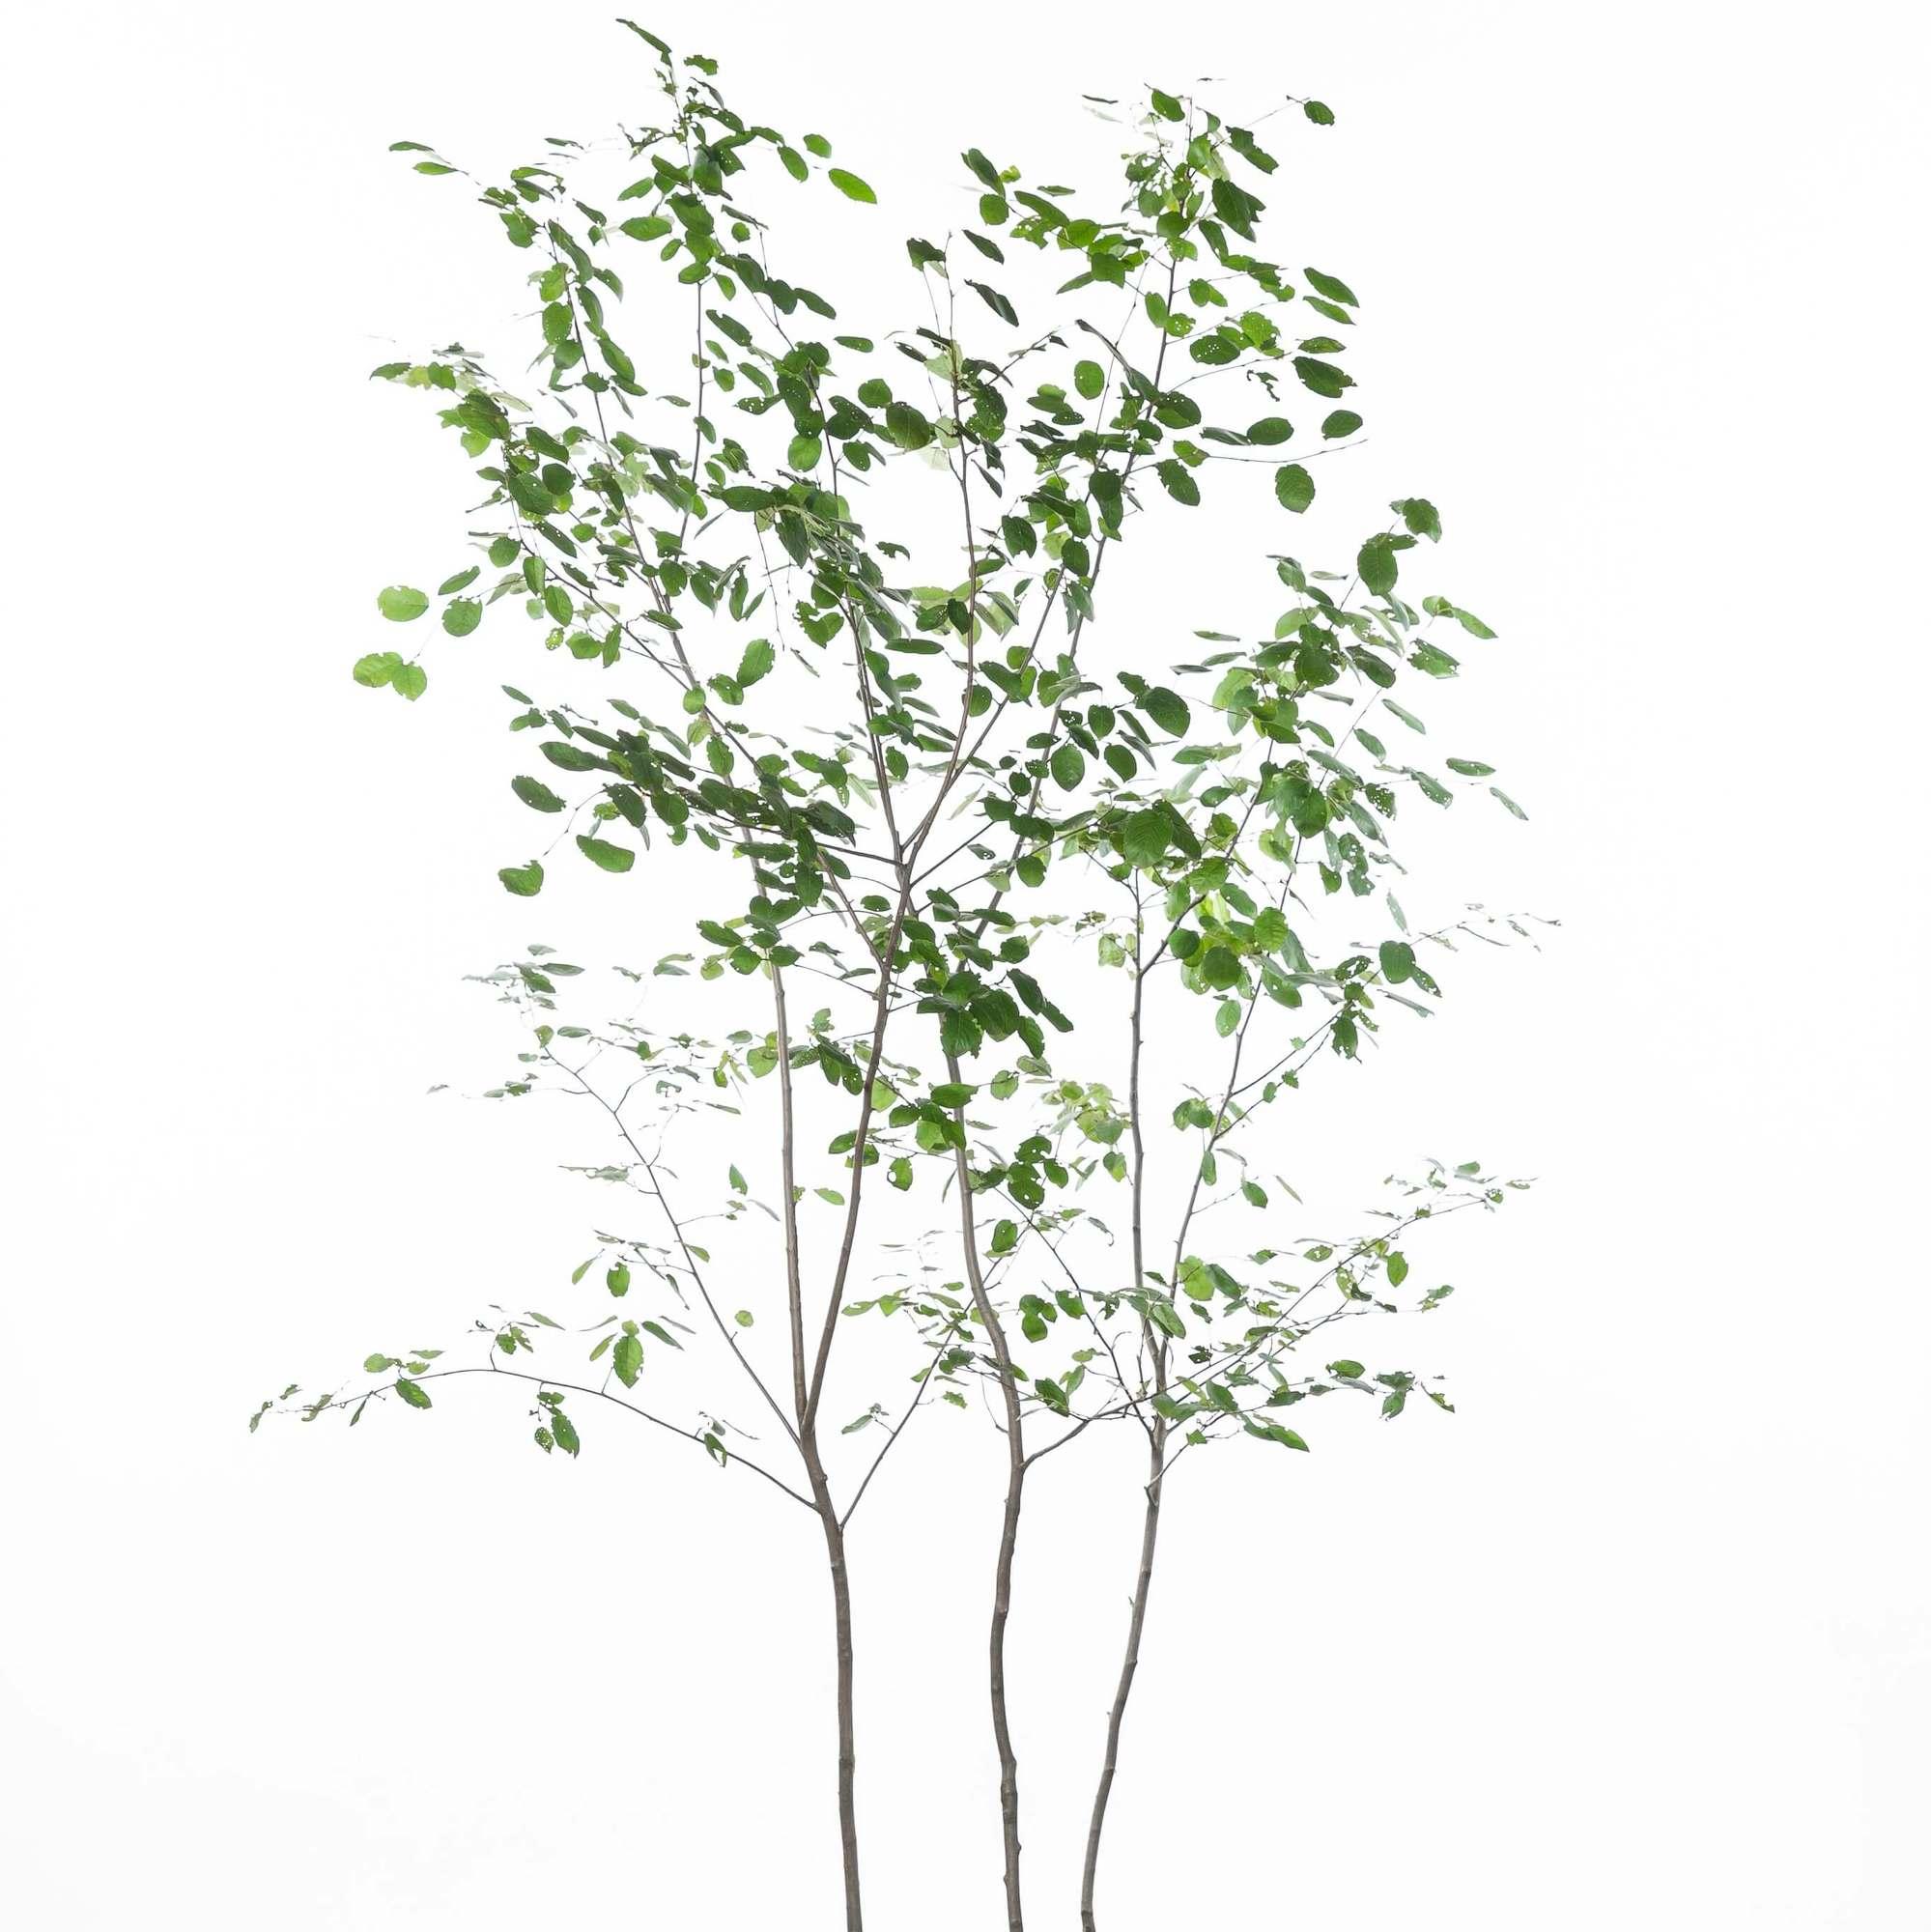 ジューンベリー 植栽 お庭 ガーデン